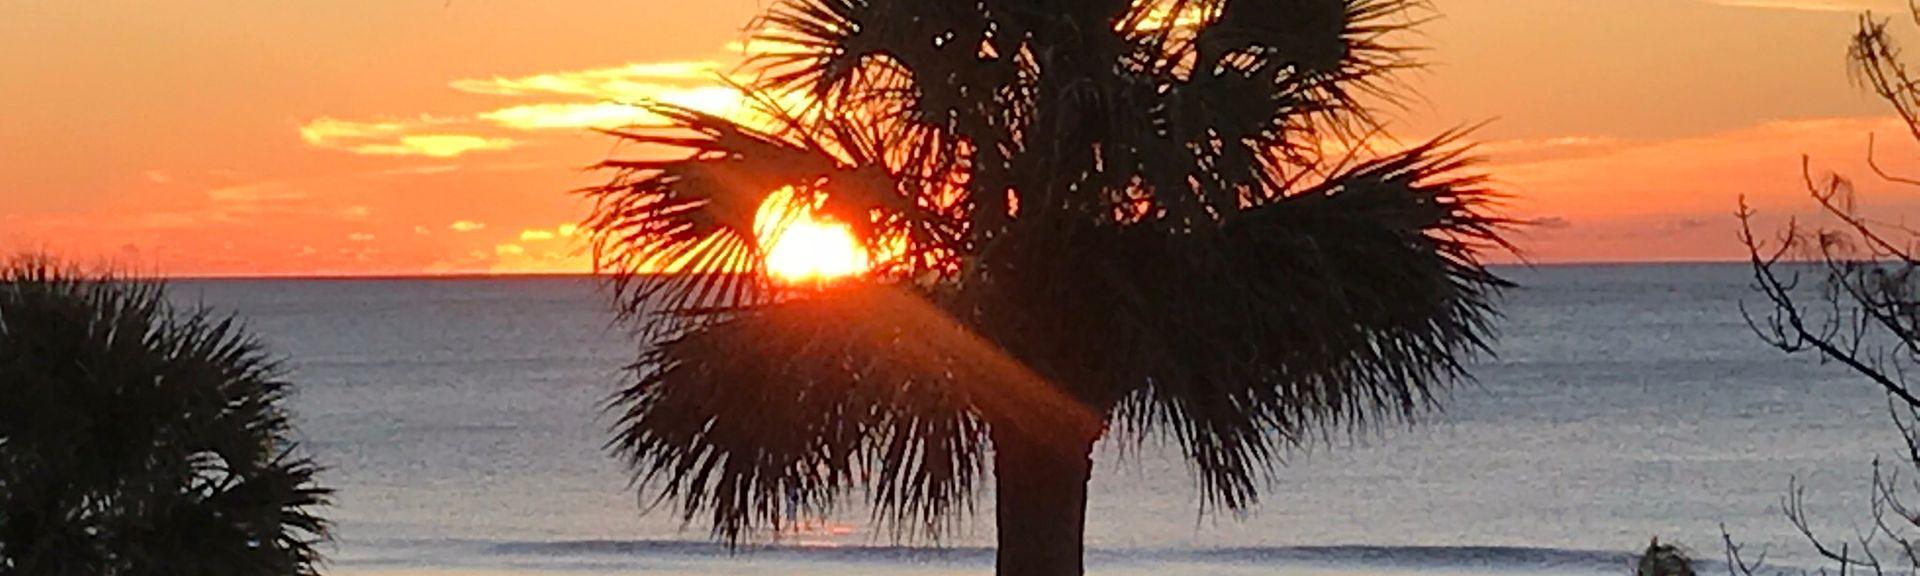 Captain's Walk, Hilton Head Island, Caroline du Sud, États-Unis d'Amérique